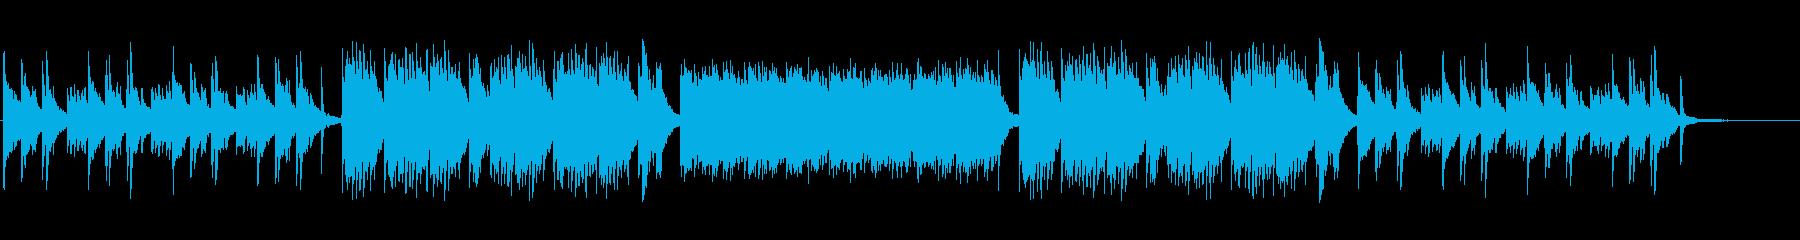 企業・CM・キラキラしたピアノソロの再生済みの波形